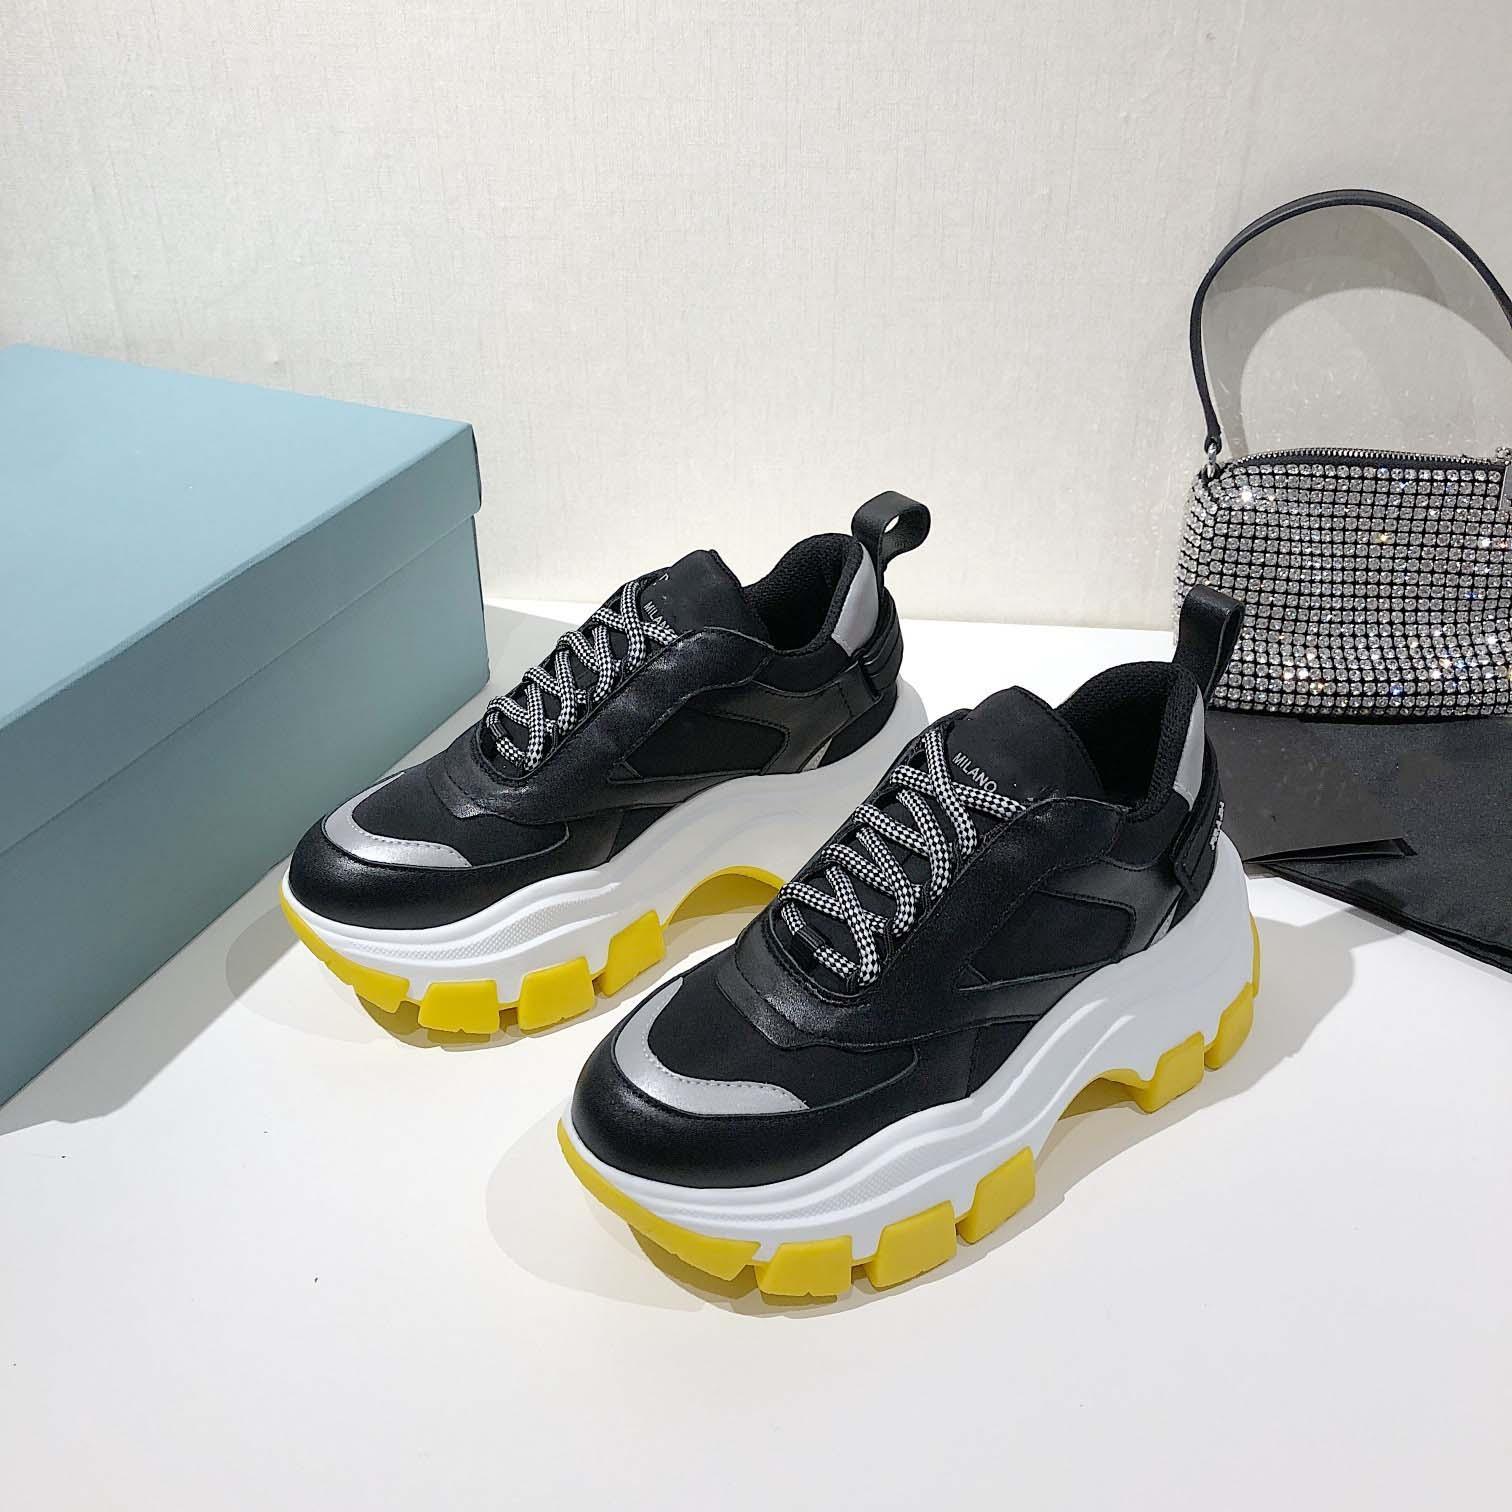 PRADA shoes Perfect Rock Runner Camuflagem Couro Tênis Sapatos Homens, Mulheres Moda Lusso Estilo Rock Studs Outdoor CAMUSTARS Sapatilhas Sapatos casuais